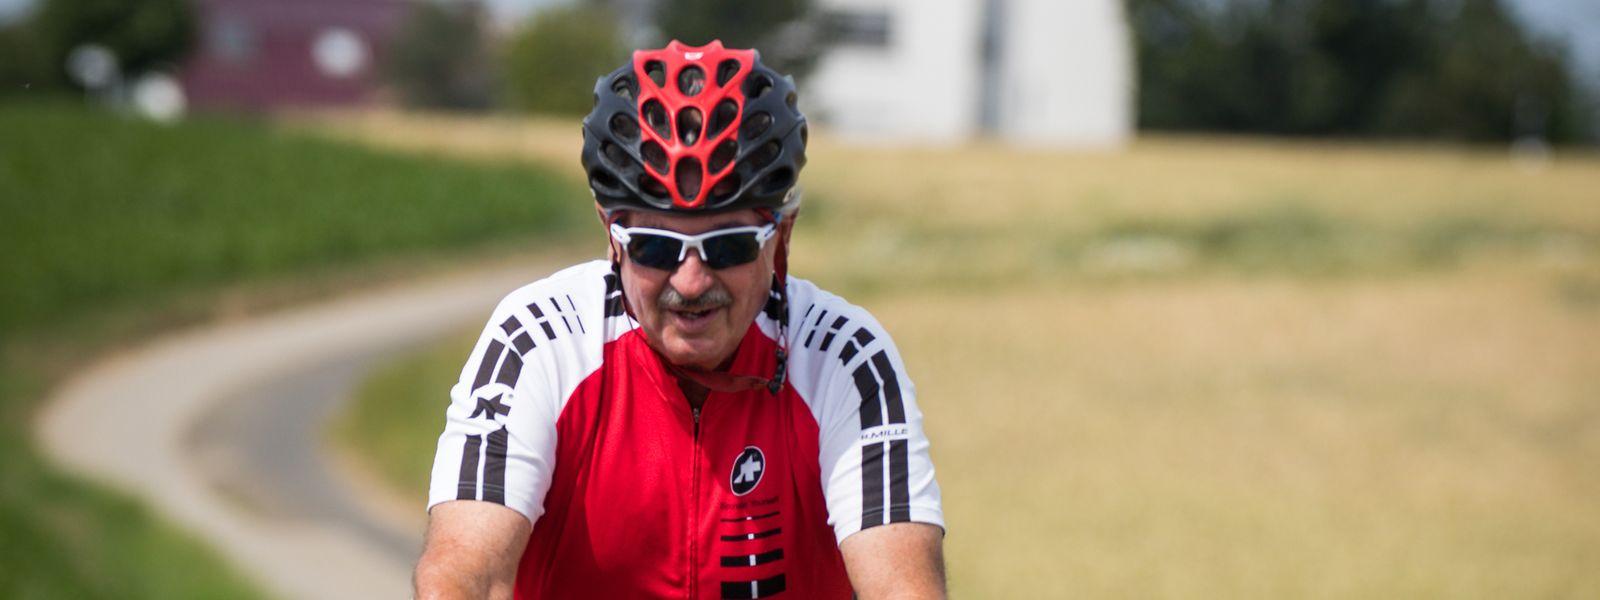 Am Tag nach seiner Corona-Impfung konnte sich Jean Asselborn schon wieder auf sein geliebtes Rennrad setzen.